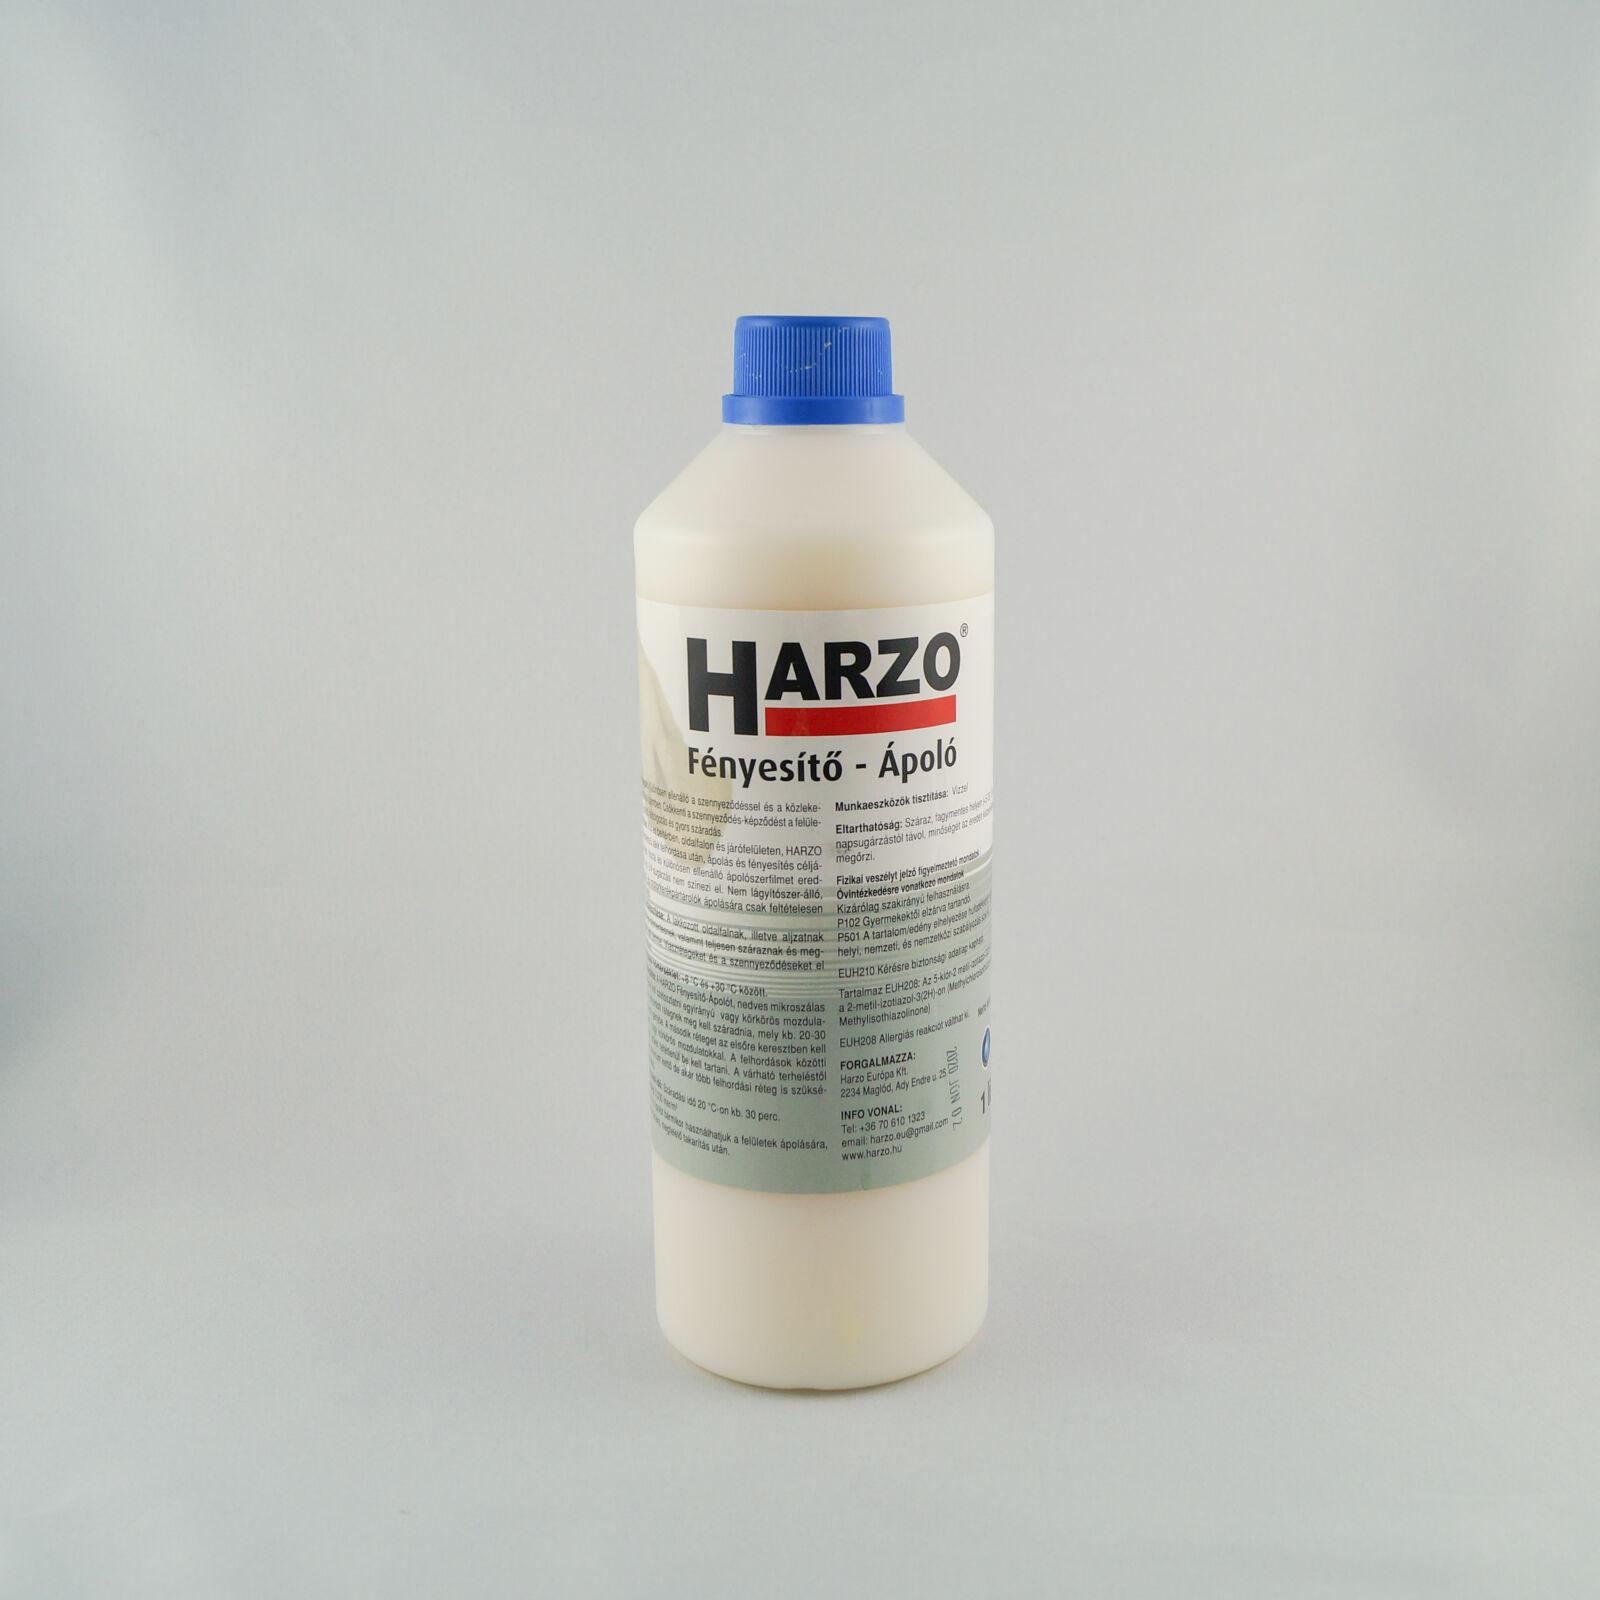 HARZO-Fényesítő Ápoló [1 l]